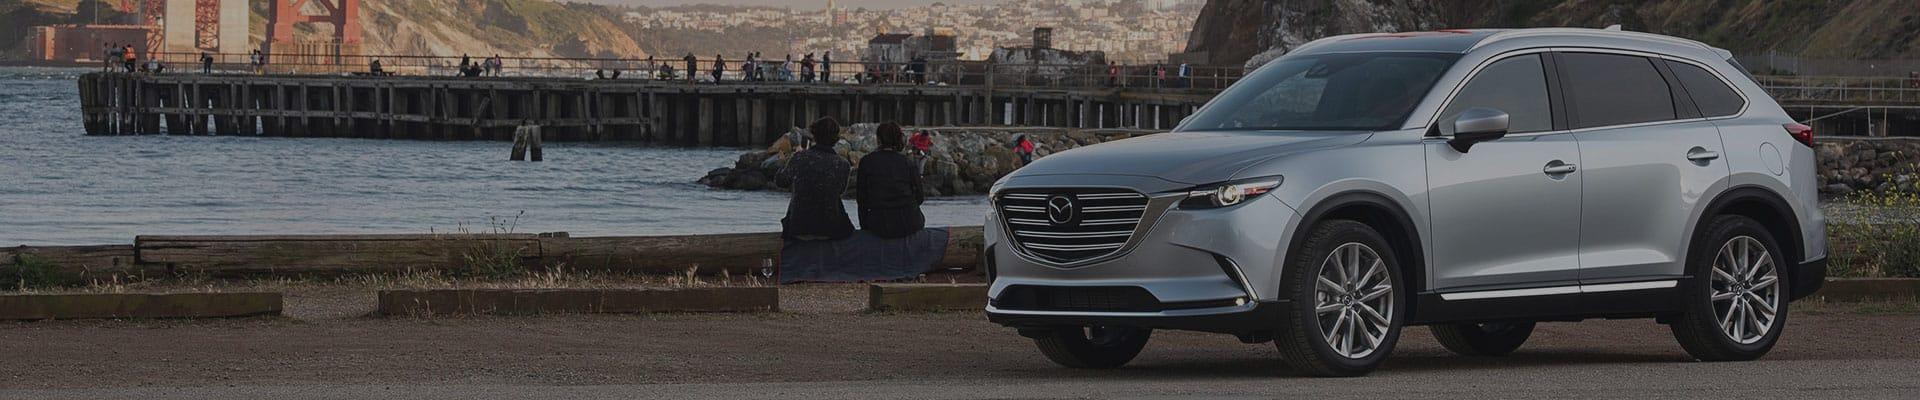 OEM Mazda Parts